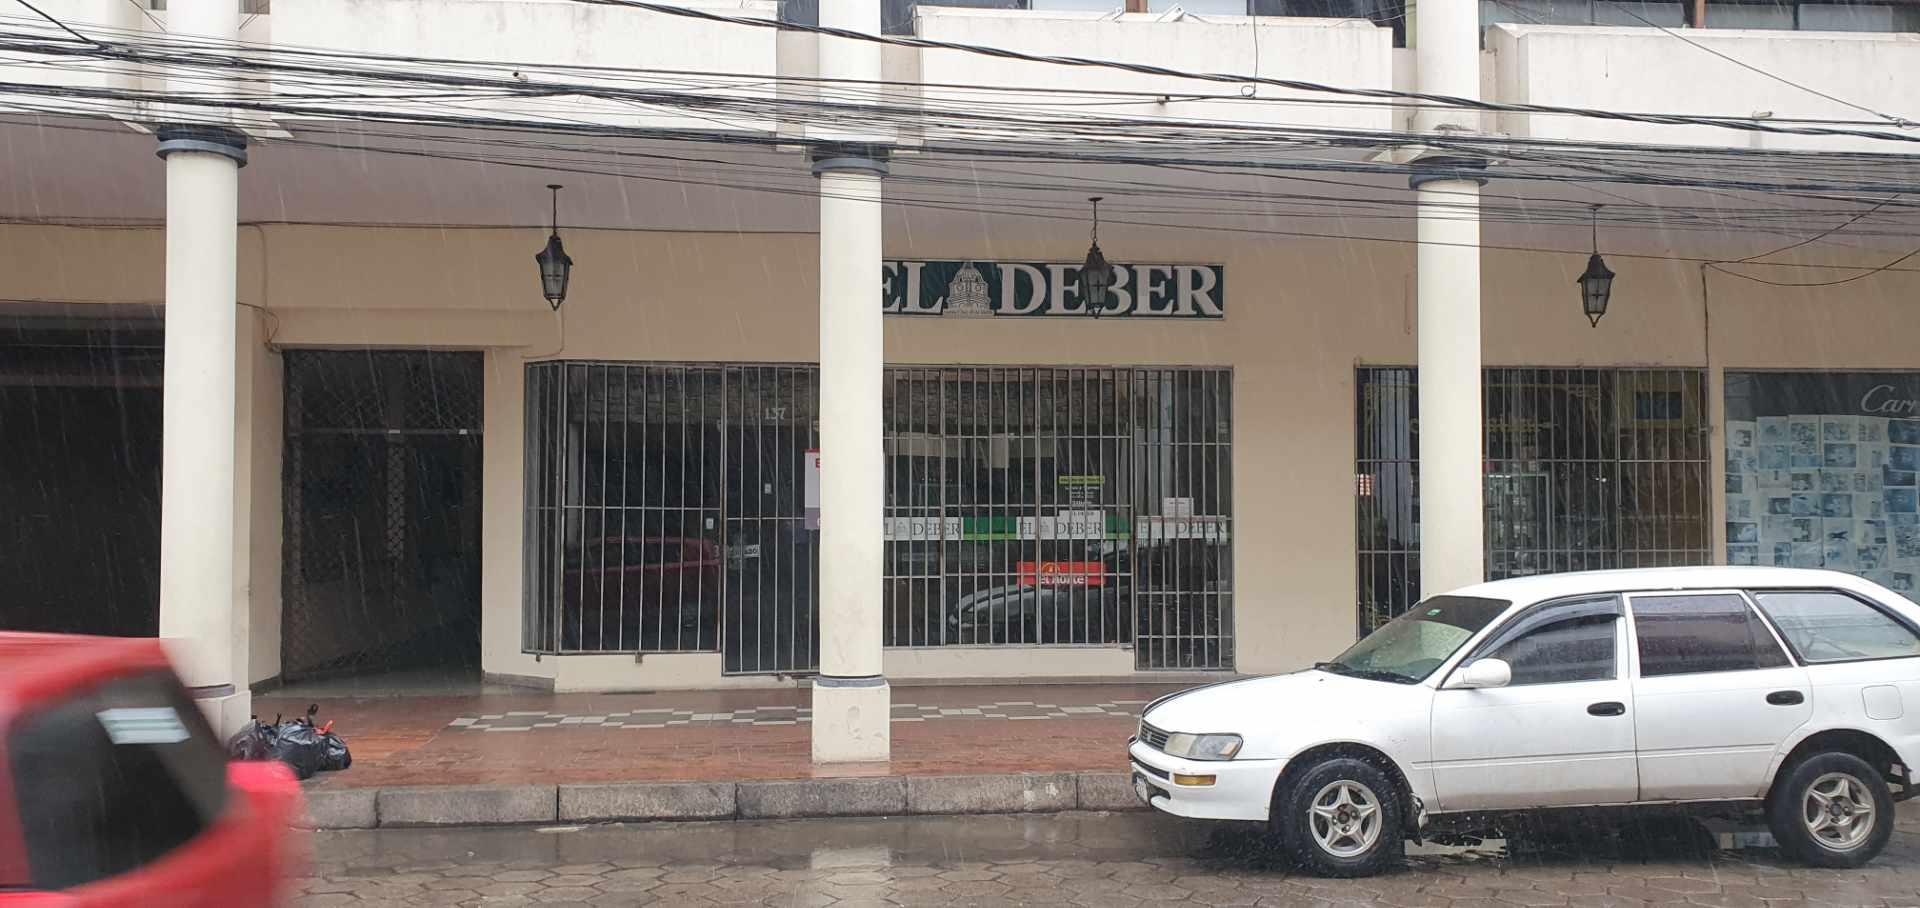 Local comercial en Venta Galería Central, Calle Ingavi esquina calle Independencia Foto 3